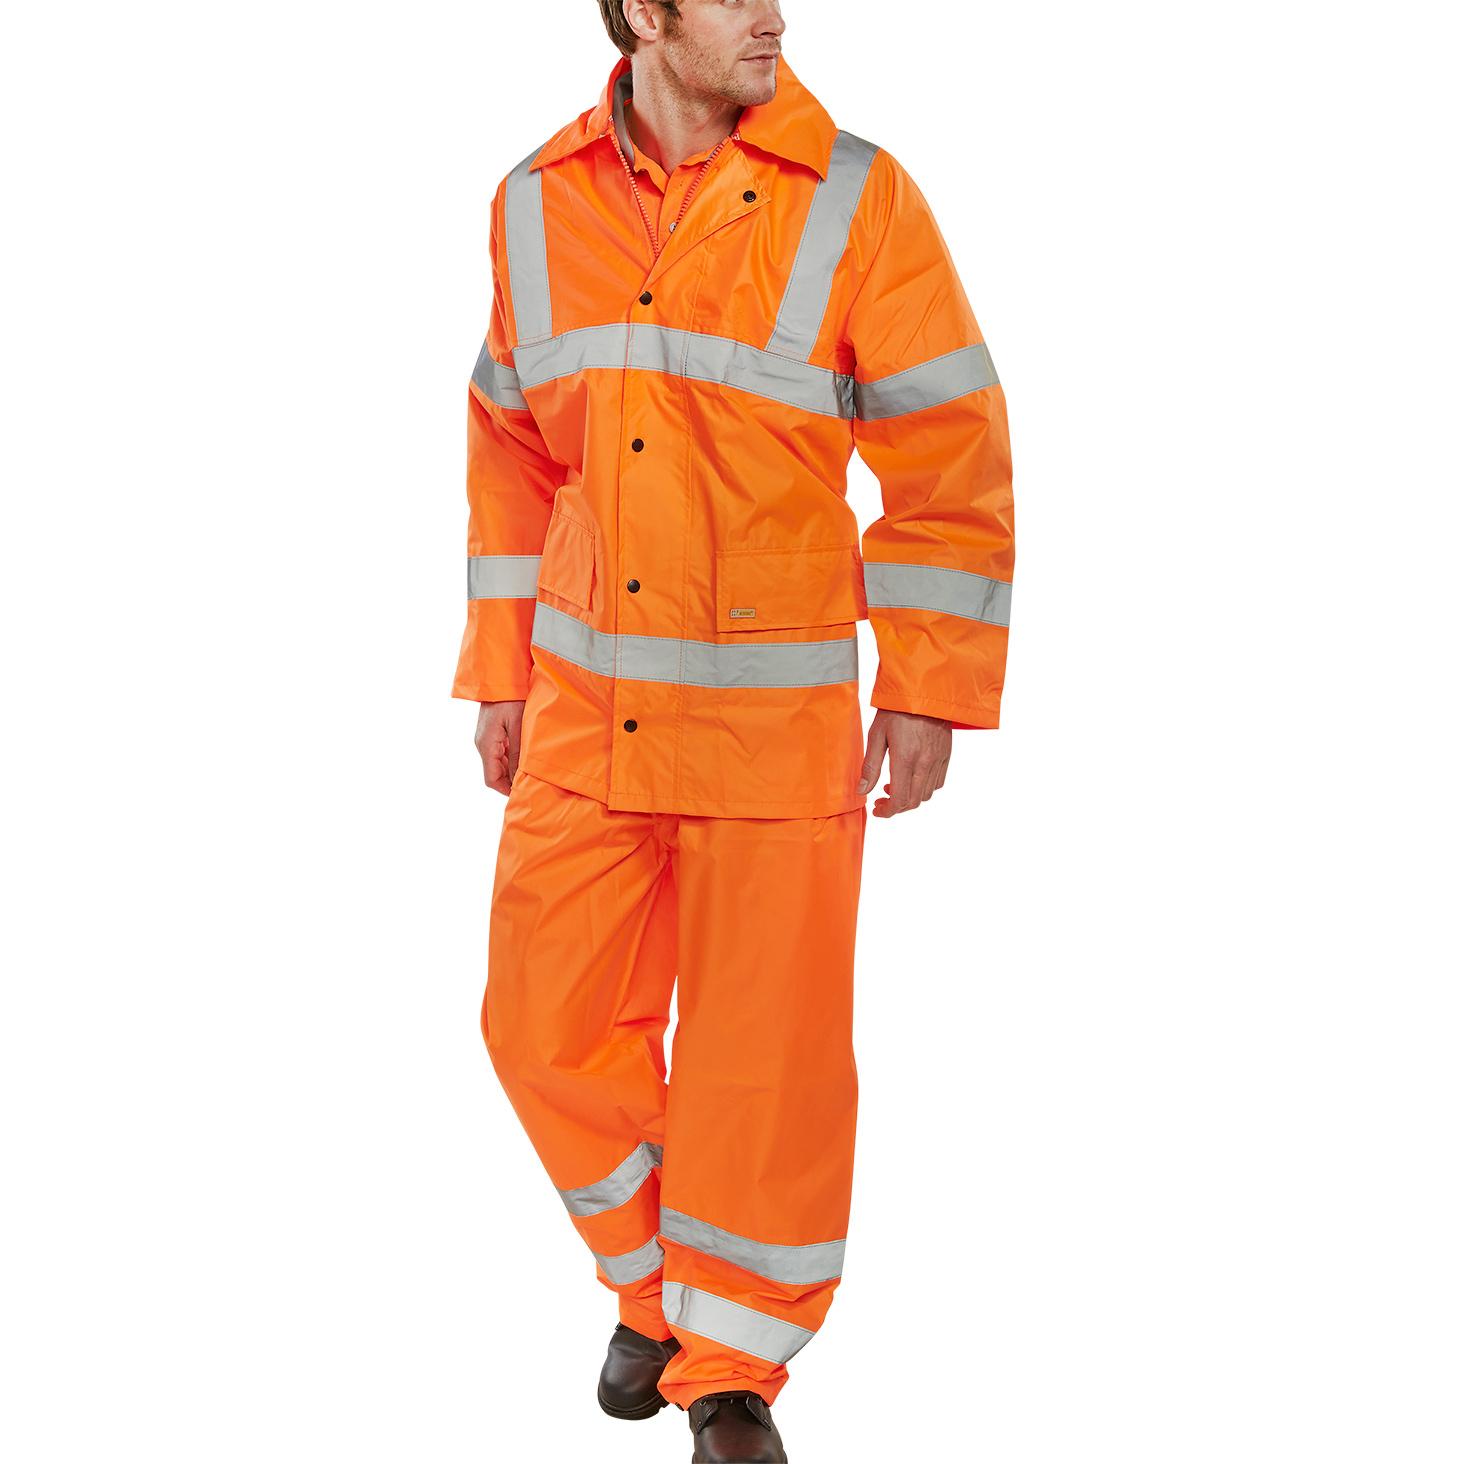 BSeen Hi-Vis L/Wt Suit Jkt/Trs EN ISO 20471 EN 343 XL Orange Ref TS8ORXL Up to 3 Day Leadtime